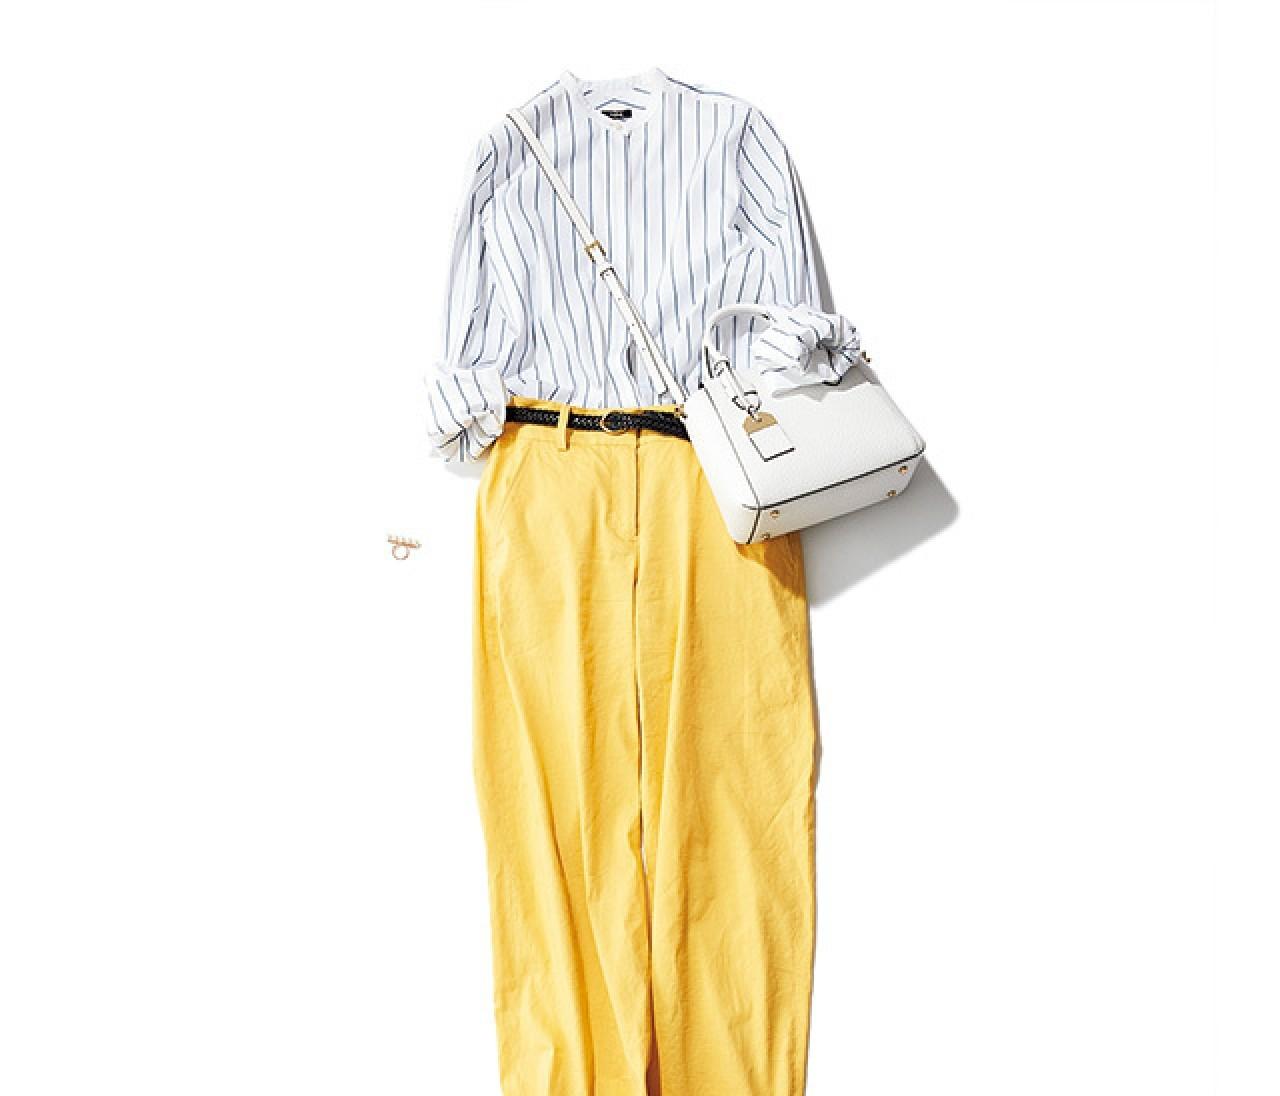 ブルーストライプシャツで爽やかに! 初夏のカラーパンツコーデ♡【2018/5/31のコーデ】